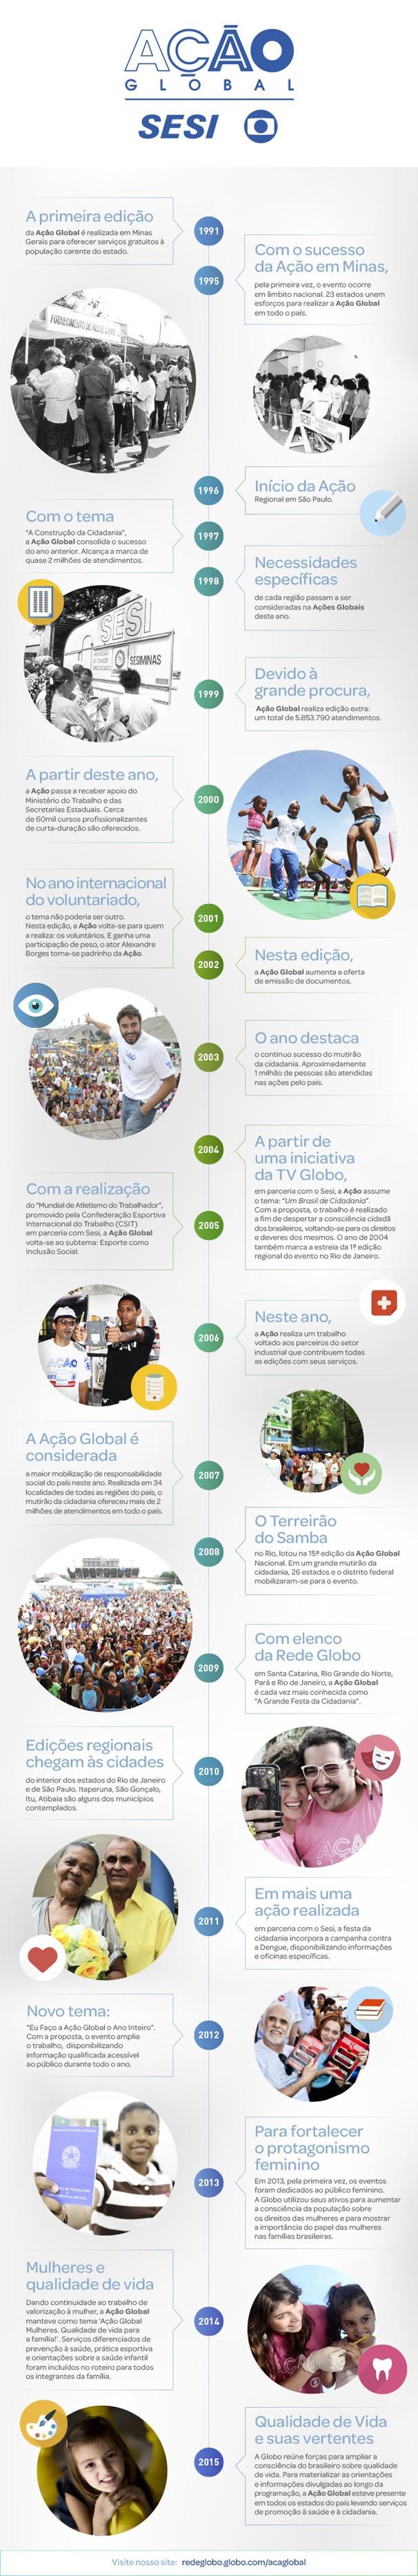 Linha do Tempo Ação Global (Foto: Globo)